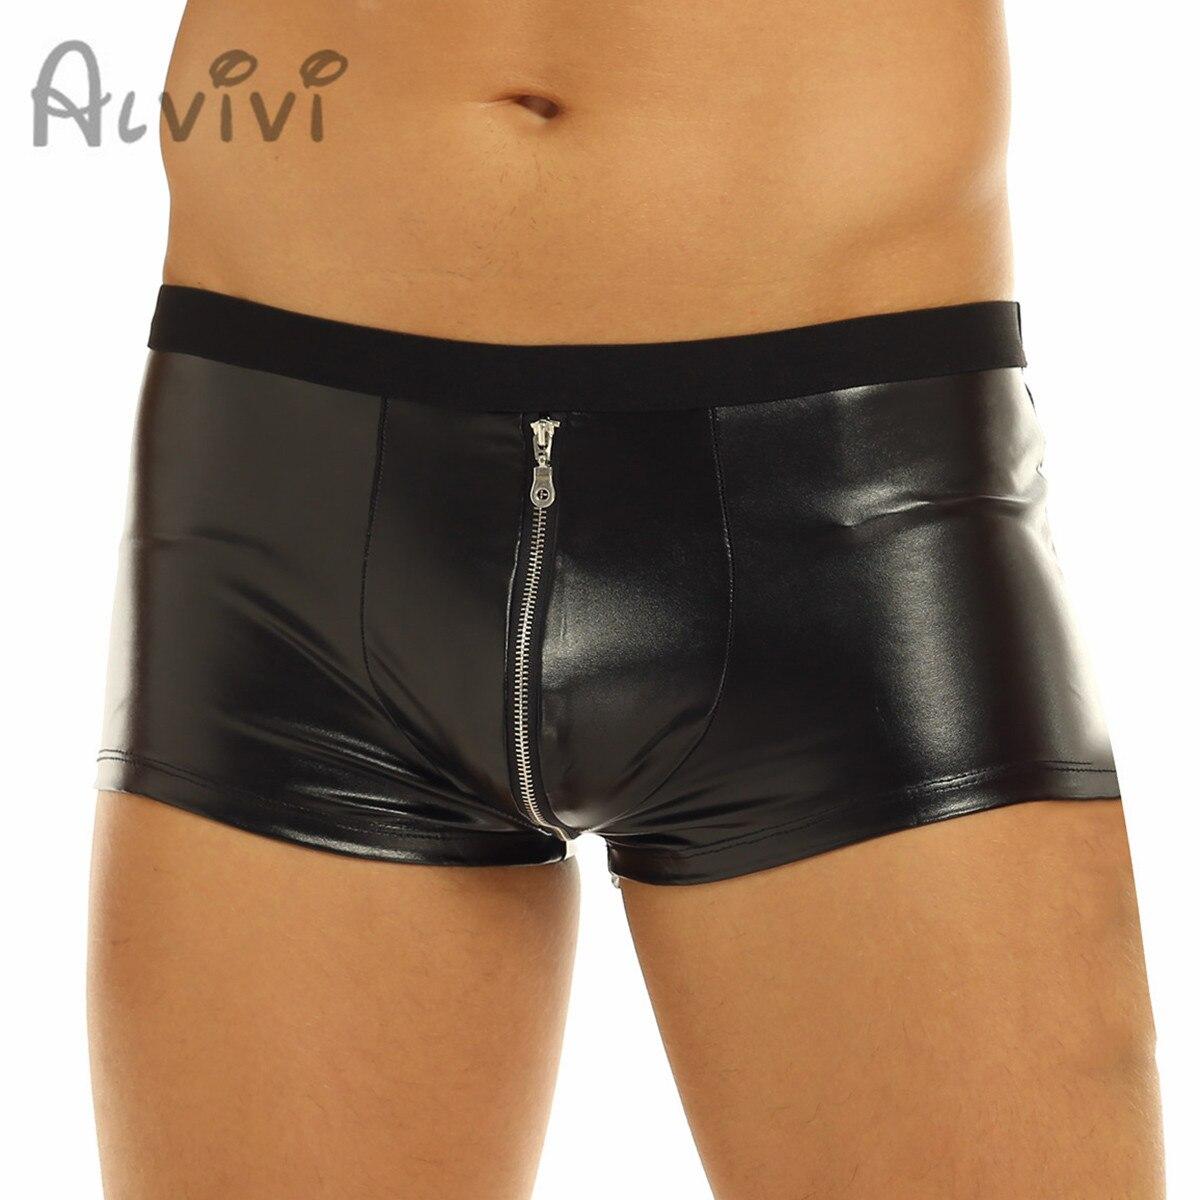 Трусы-боксеры alvivi мужские из латекса, Короткие трусы на молнии, Клубная одежда, гей-трусы